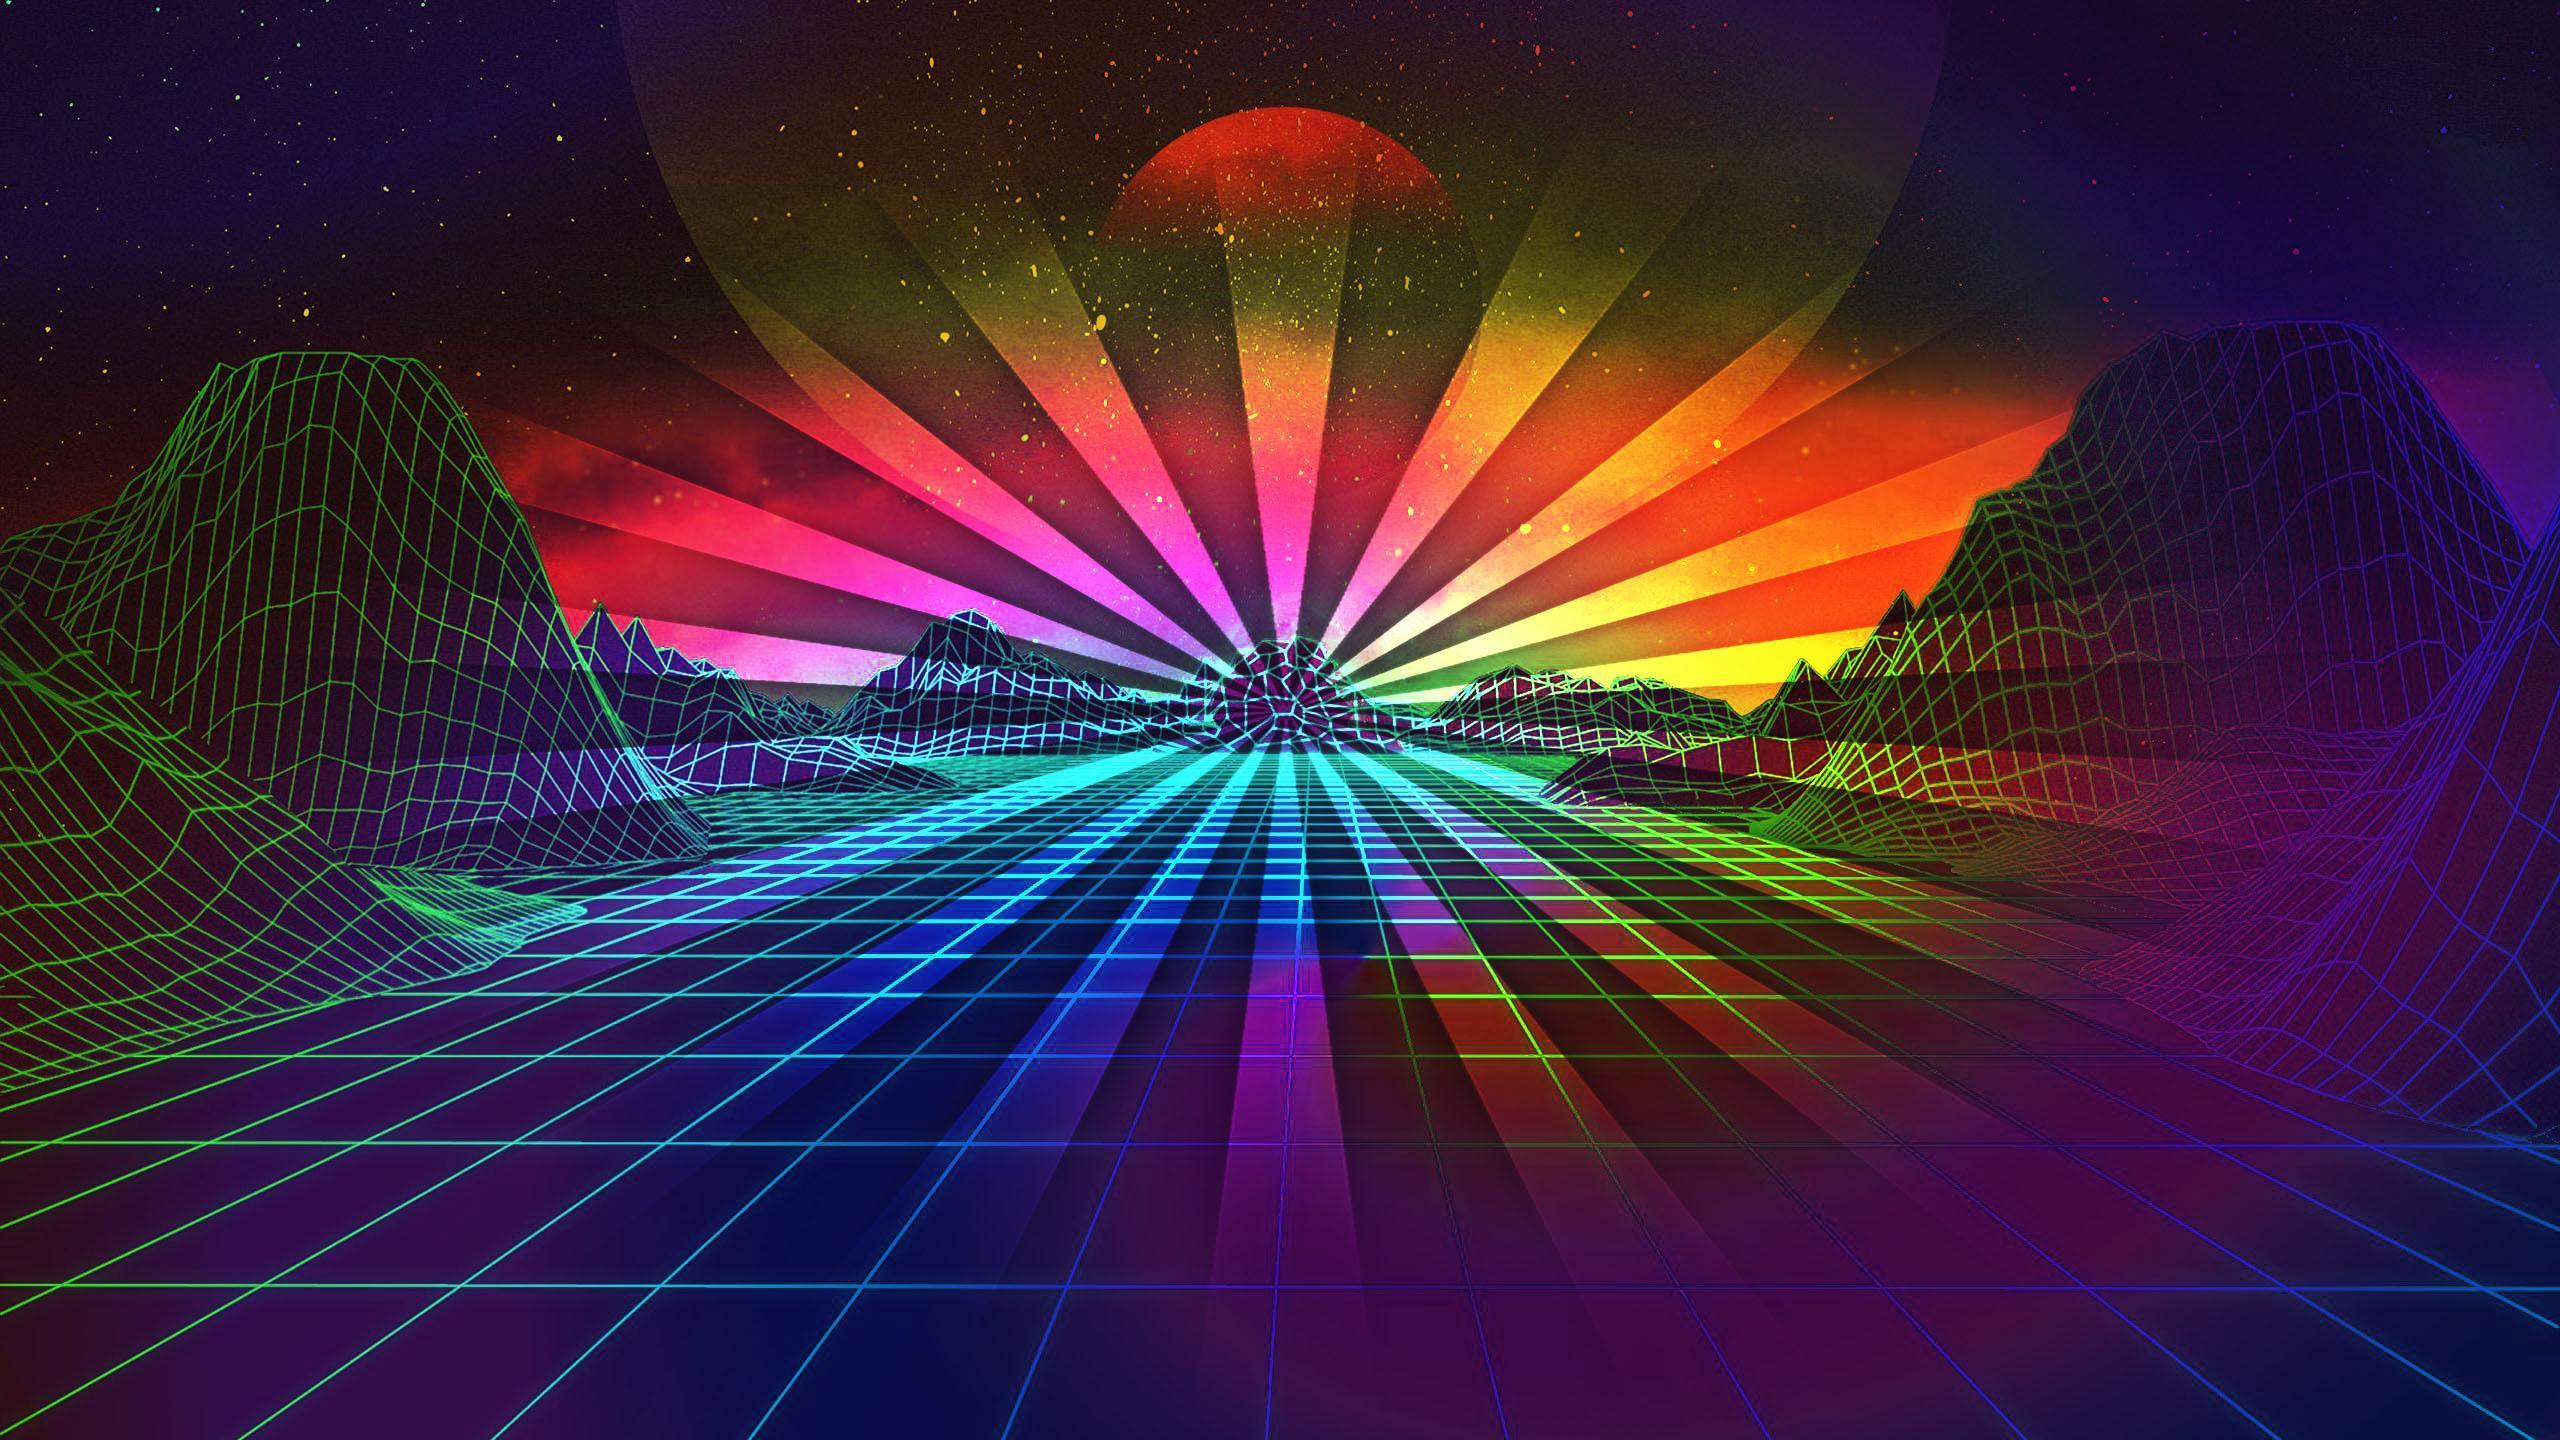 2560x1440 Retro Rainbow 4K Hình nền cho màn hình máy tính để bàn hoặc điện thoại di động của bạn miễn phí